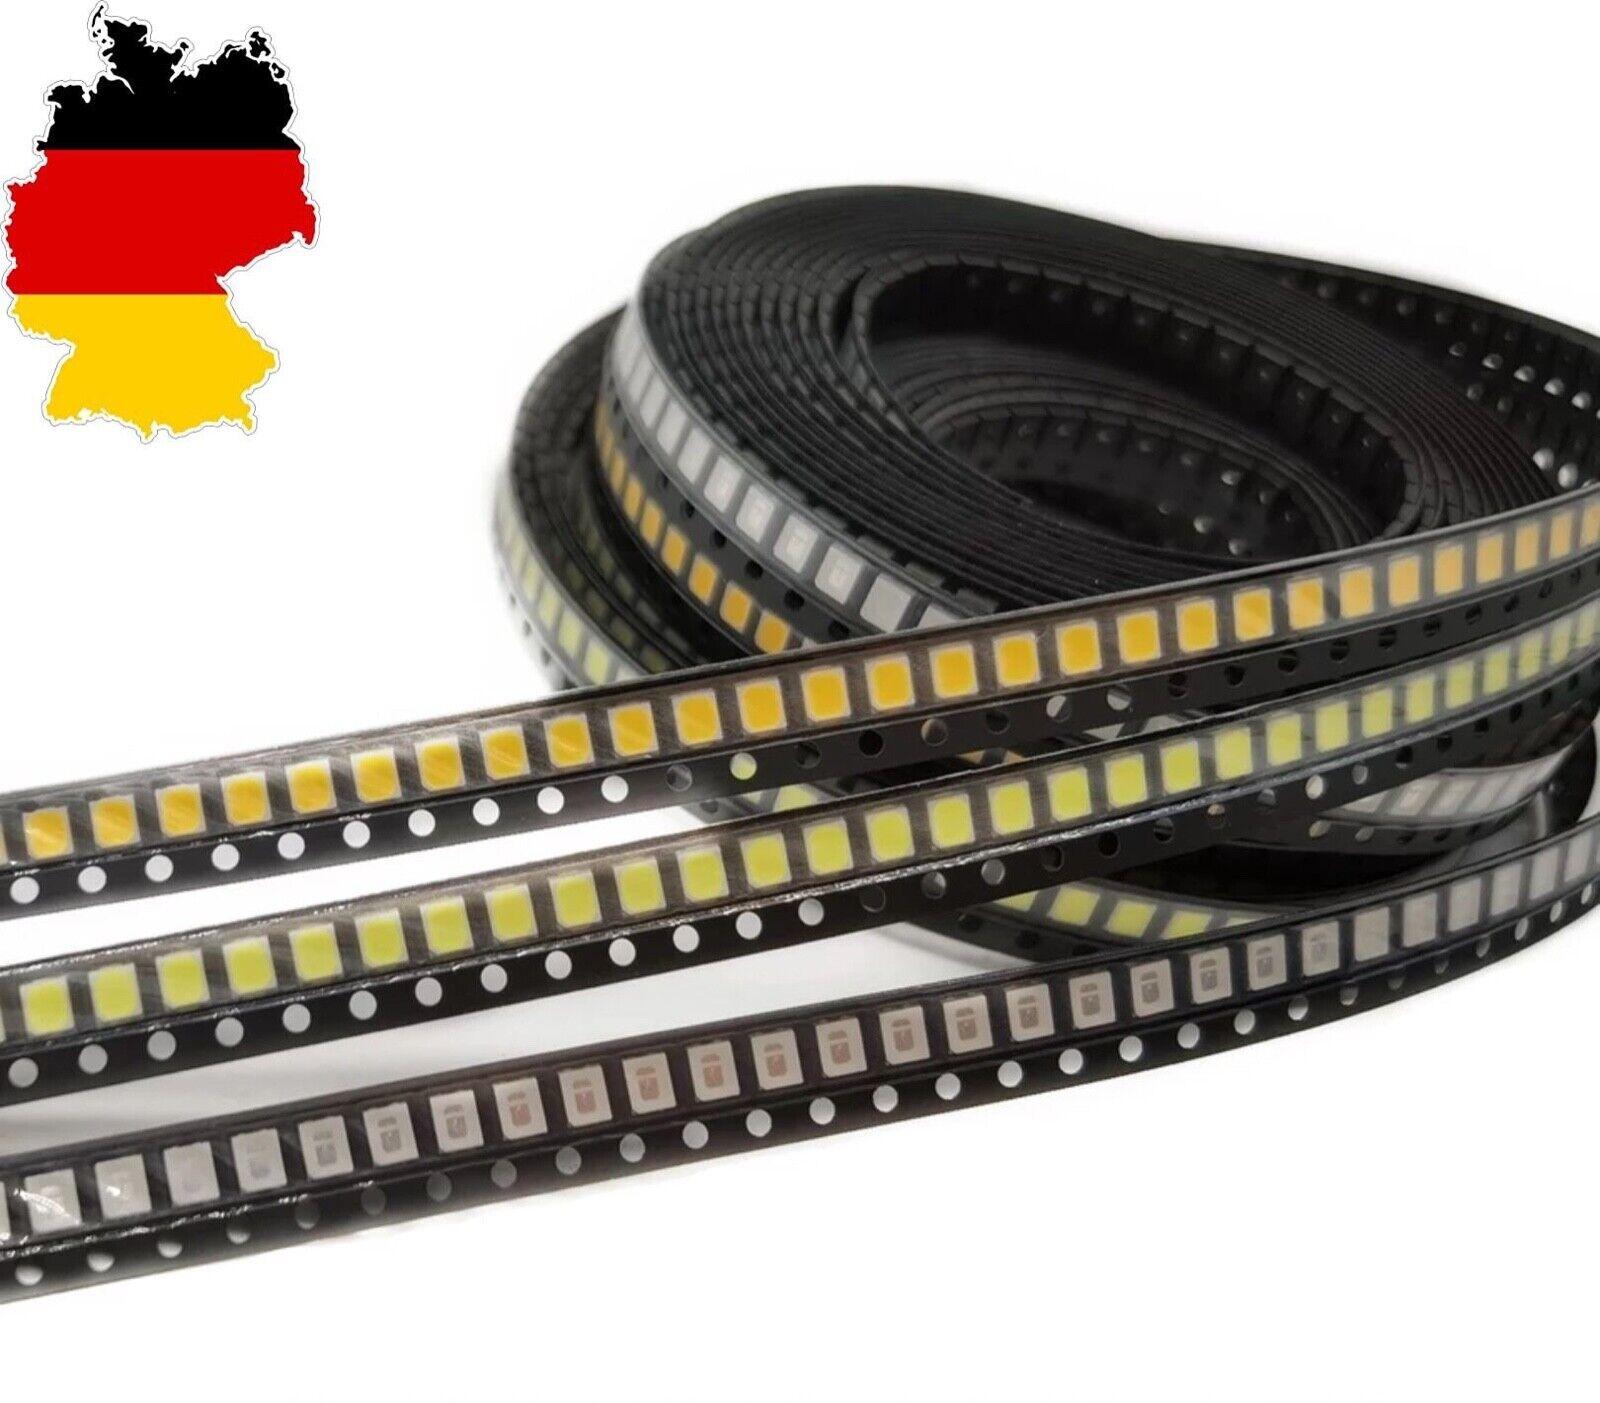 ★50x SMD LED PLCC-2 3528 1210  warm weiß - weiß LED Diode RGB BMW VW Raspberry★